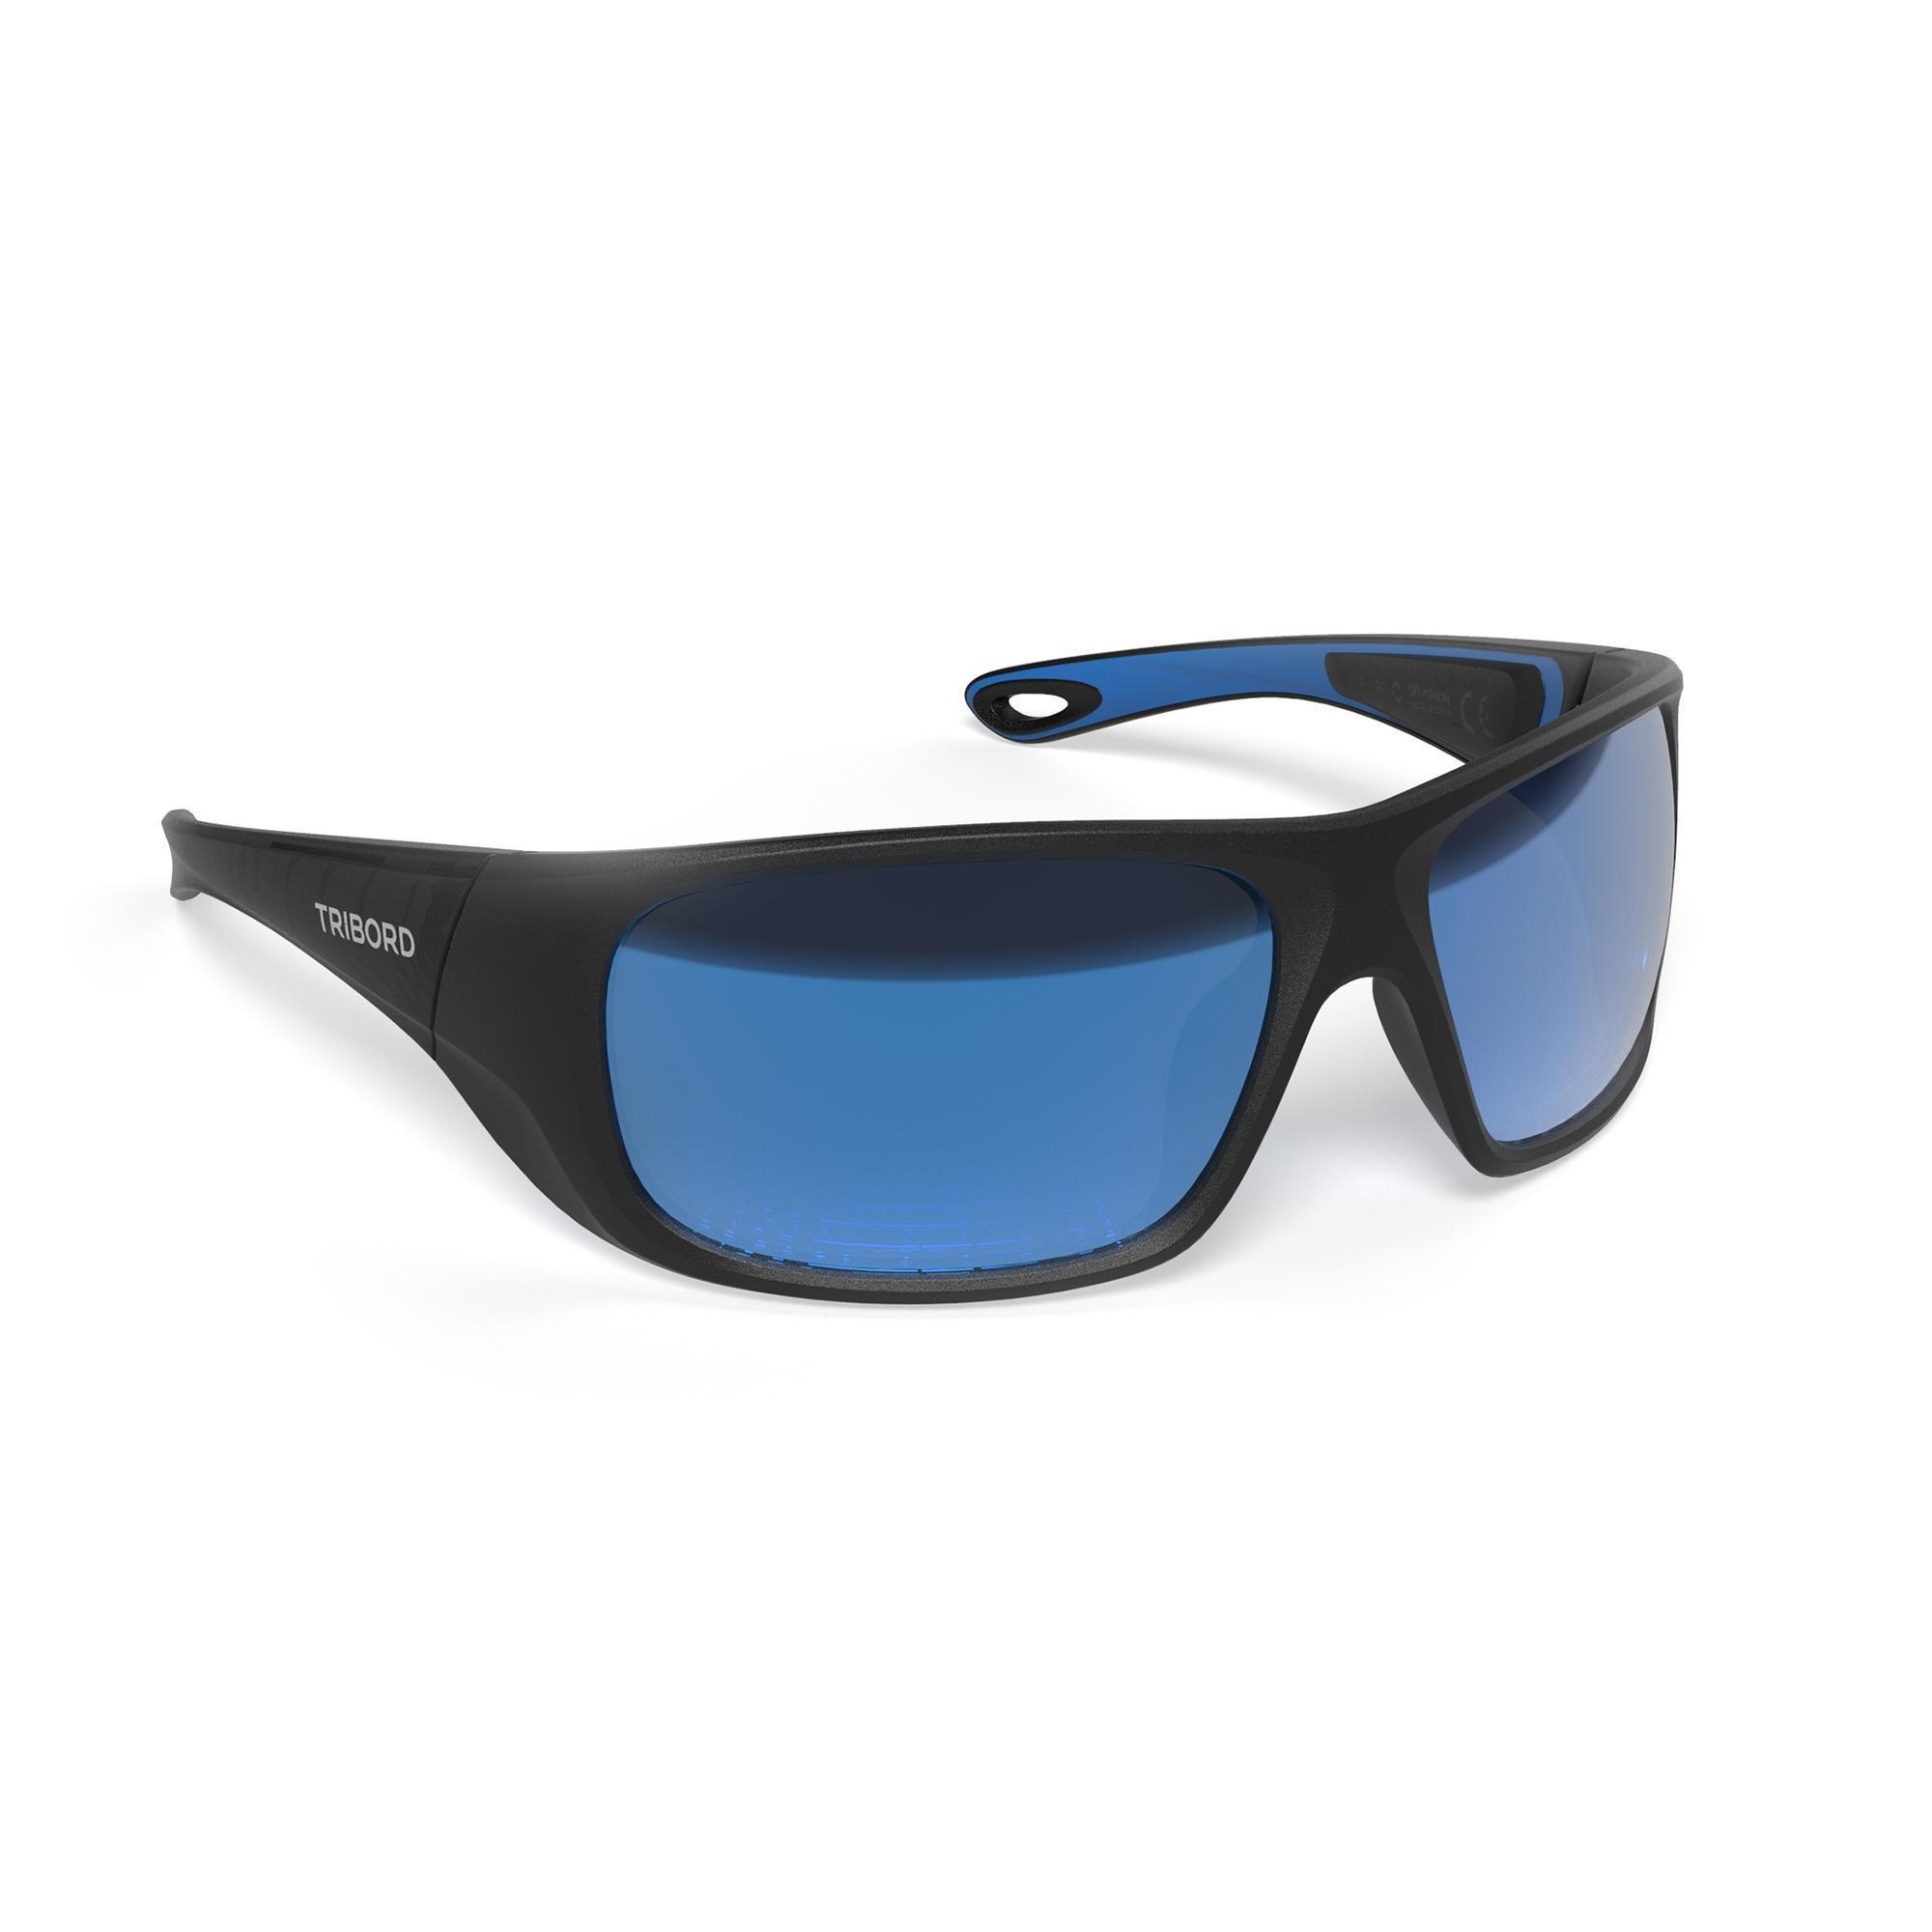 Sonnenbrille Segeln 500 polarisierend Erwachsene Kat.3 schwarz | Accessoires > Sonnenbrillen > Sonstige Sonnenbrillen | Tribord